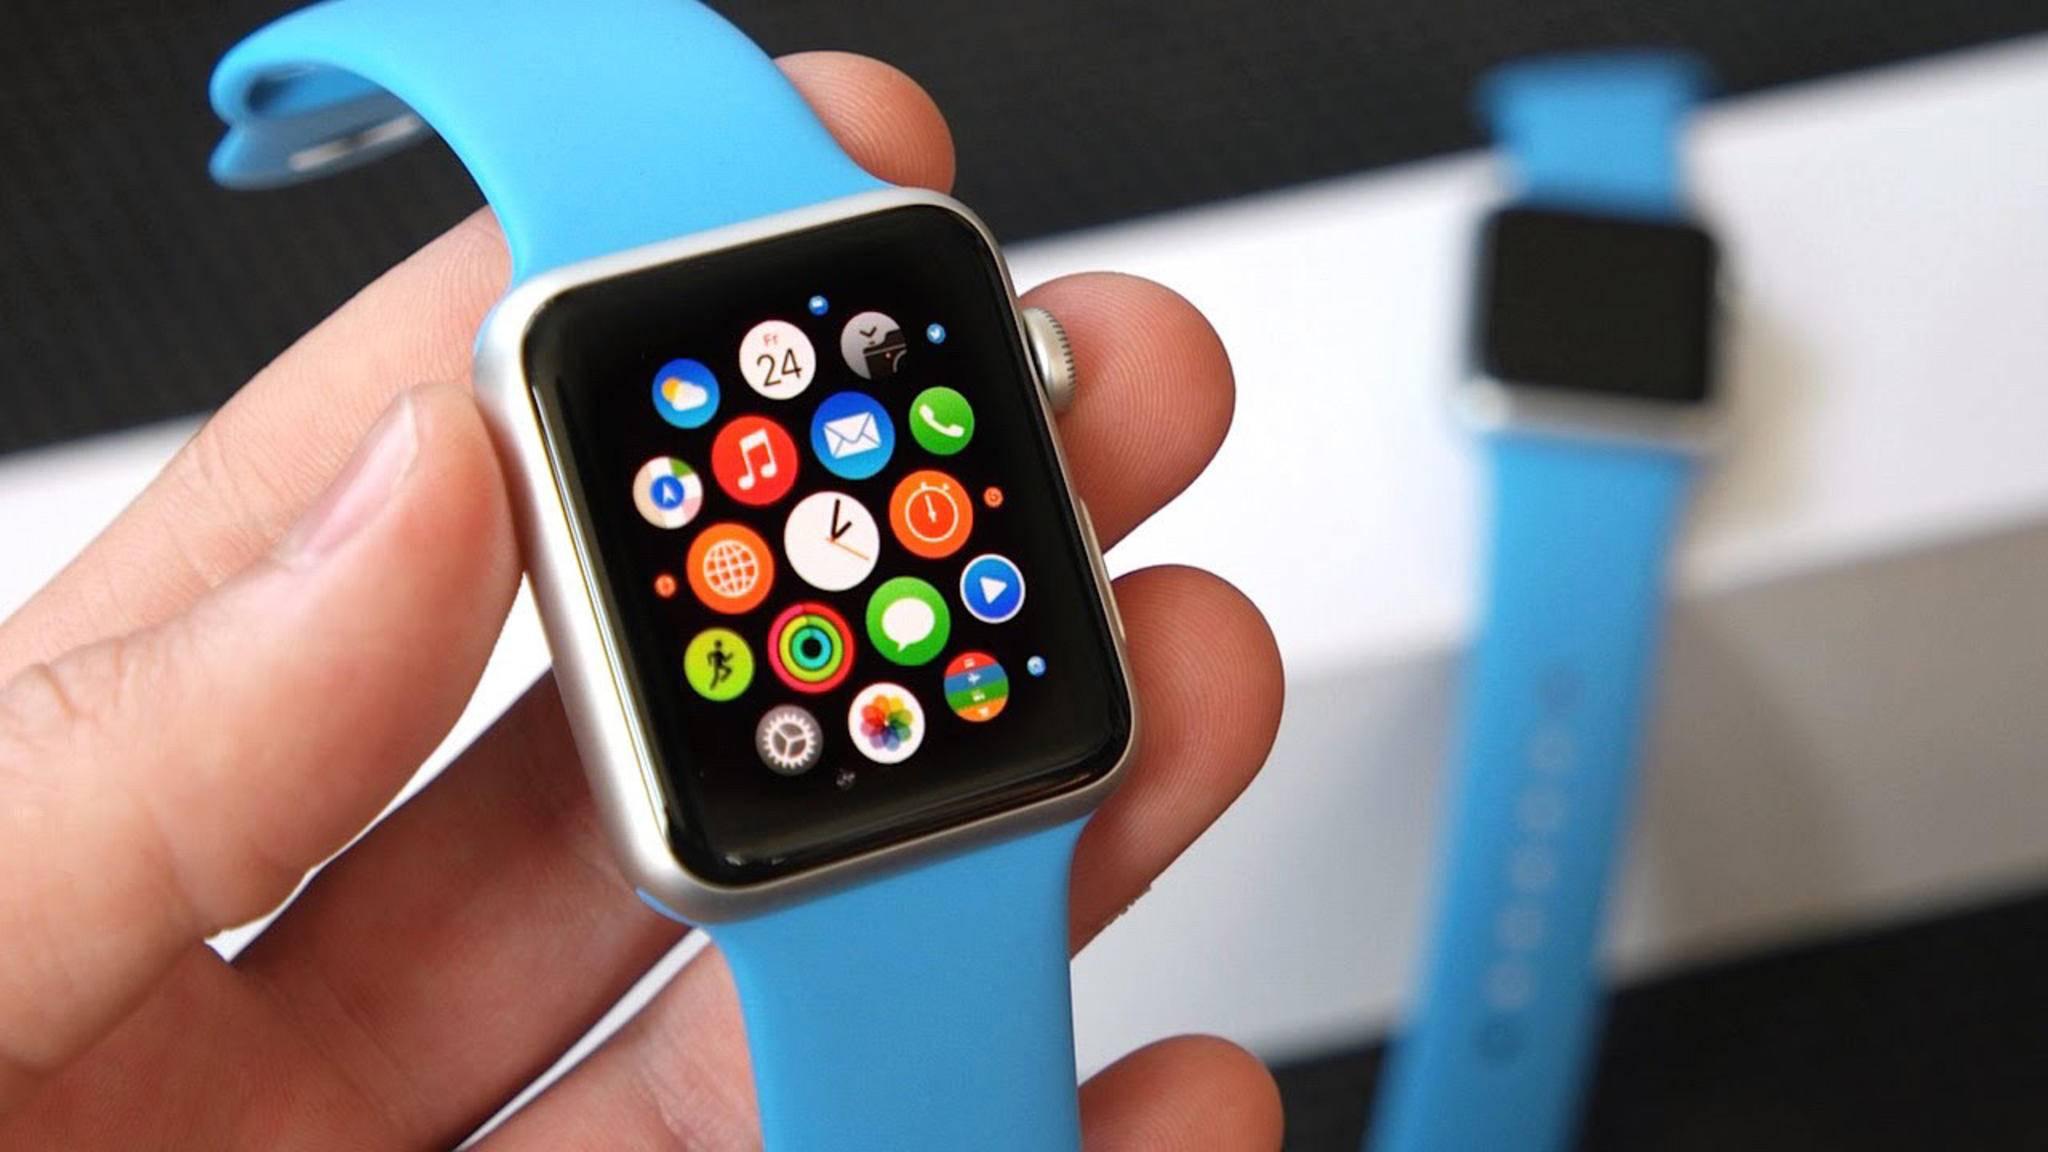 Ist die originale Apple Watch defekt, bekommen Käufer mitunter eine Apple Watch Series 1 als Austausch.